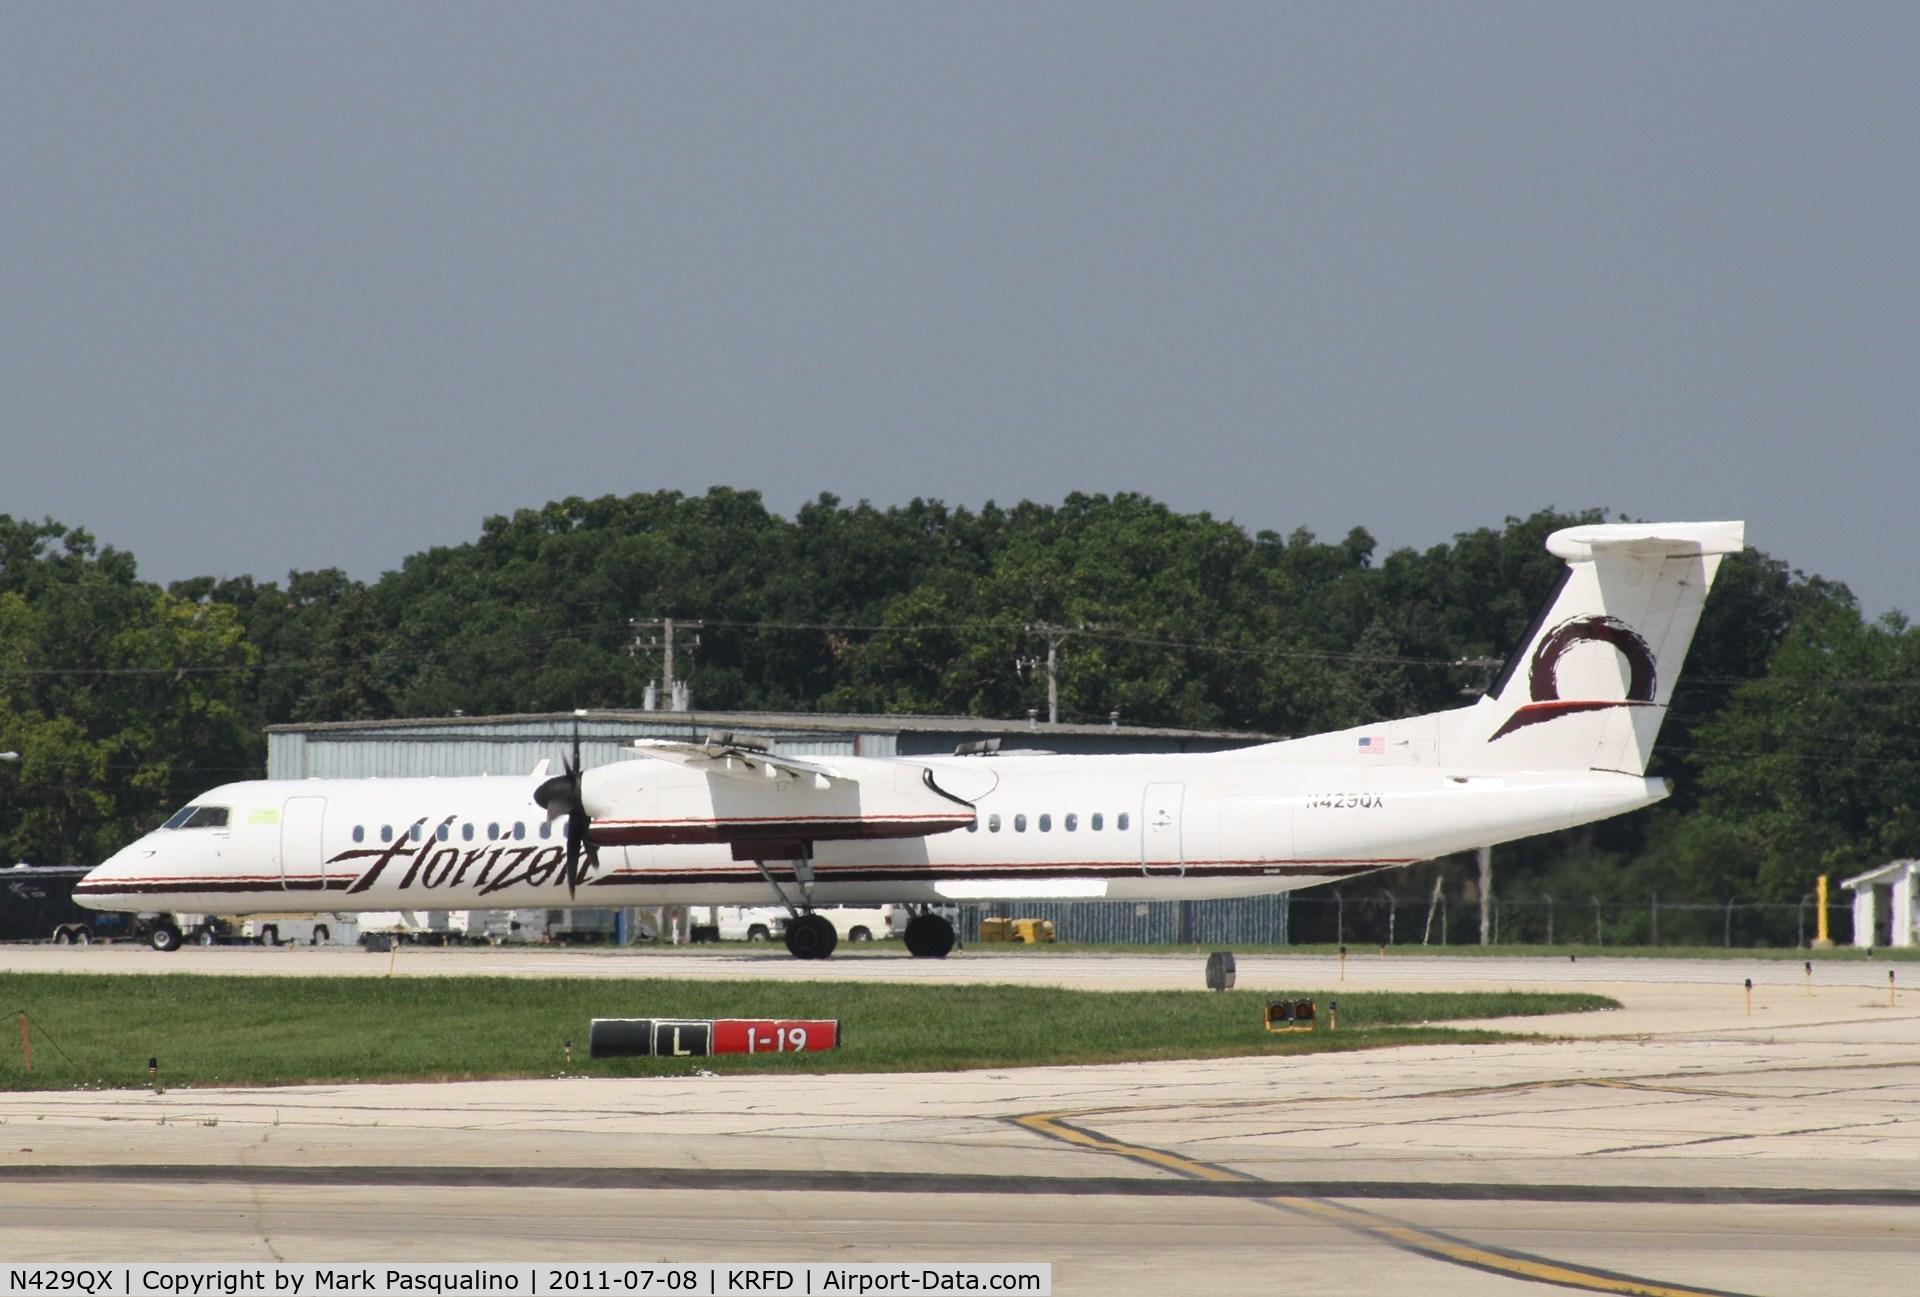 N429QX, 2007 De Havilland Canada DHC-8-402 Dash 8 C/N 4161, DHC-8-400